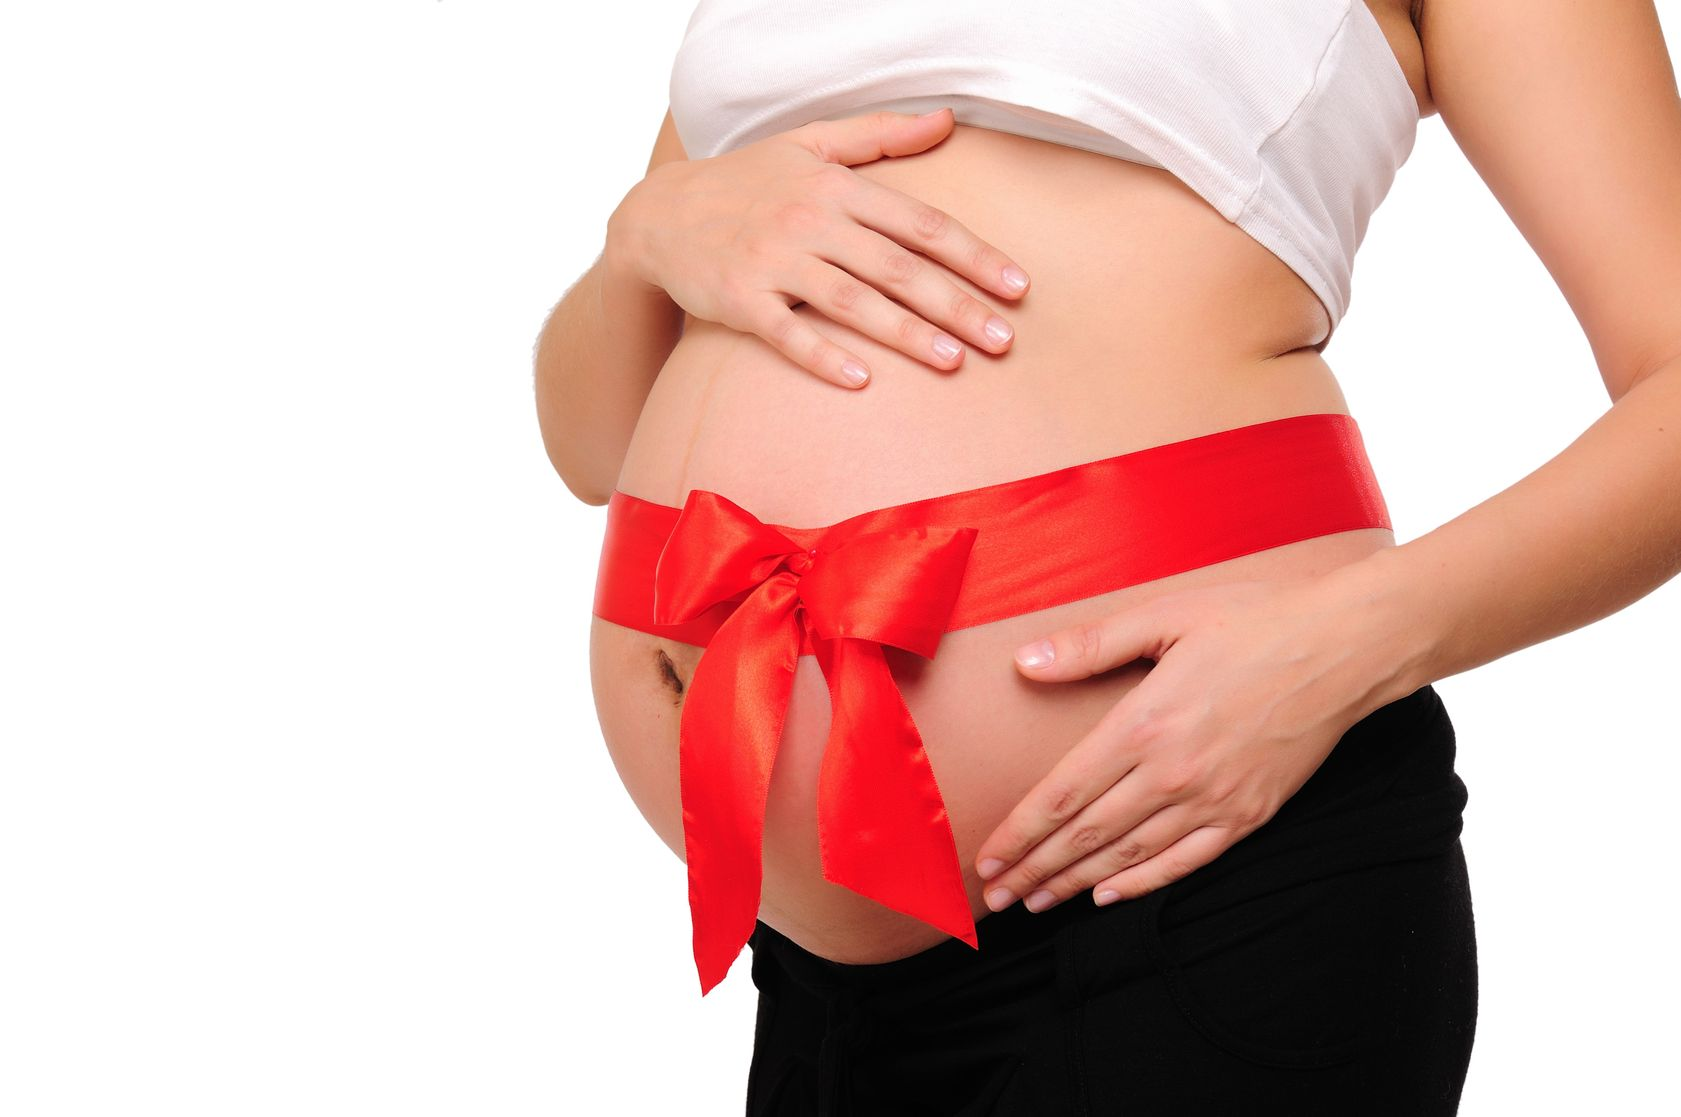 Фото беременных пузиков с ленточкой